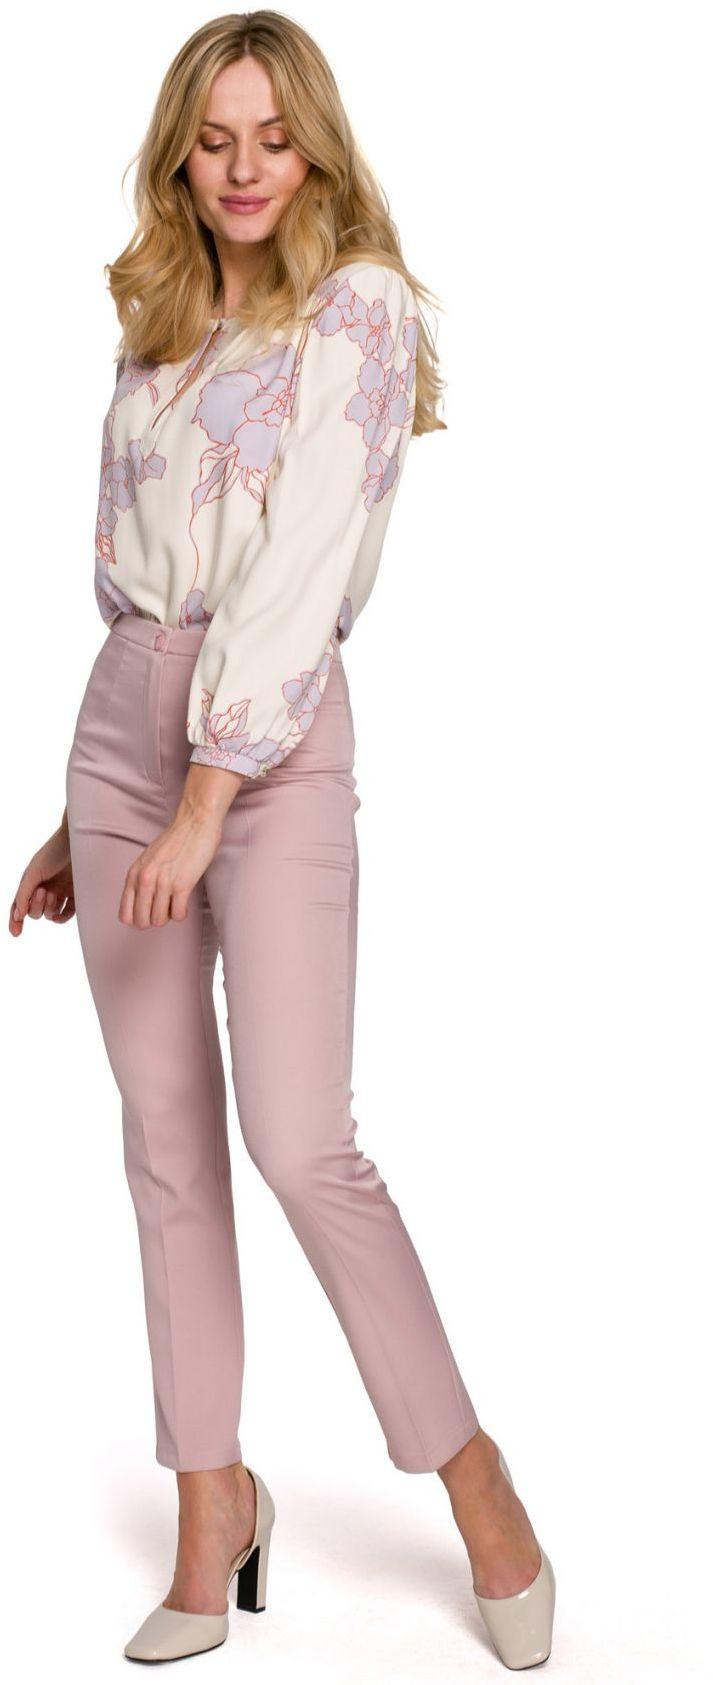 K093 Spodnie z rozcięciami z tyłu - brudny róż